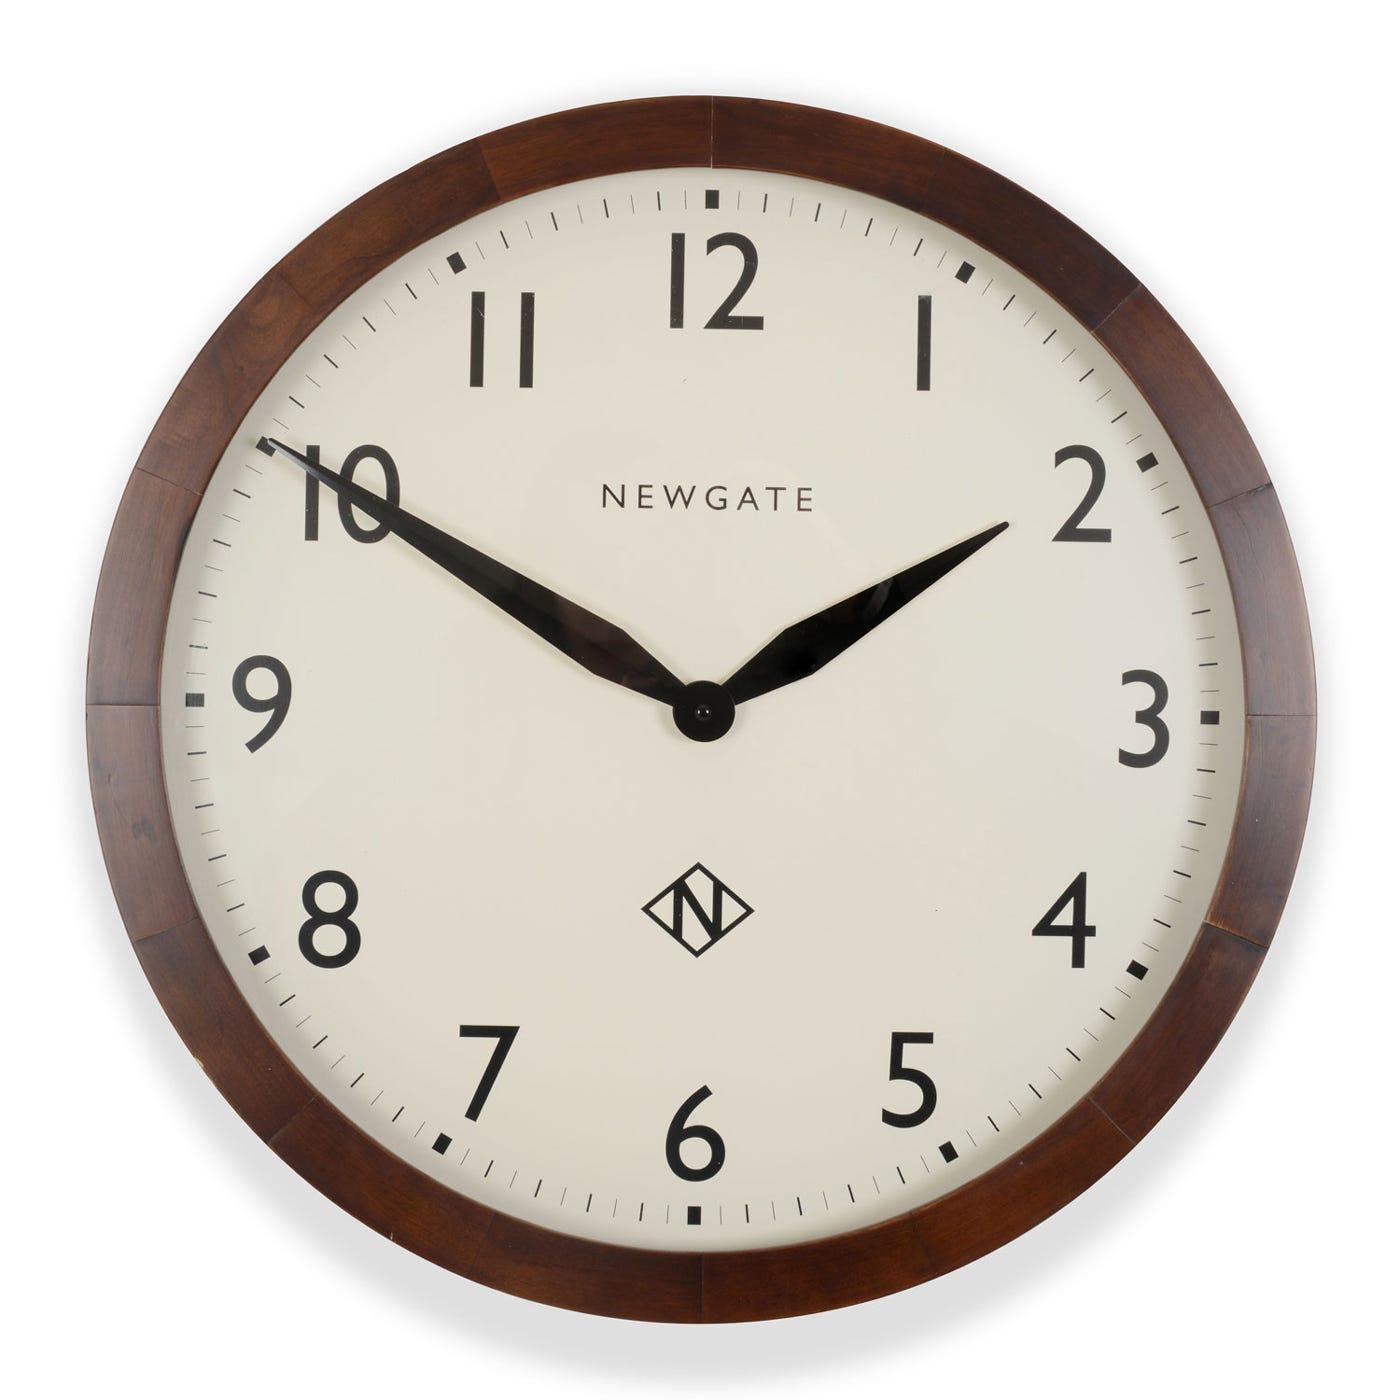 Newgate Billingsgate Large Wall Clock : 788896 from heals.com size 1400 x 1400 jpeg 162kB